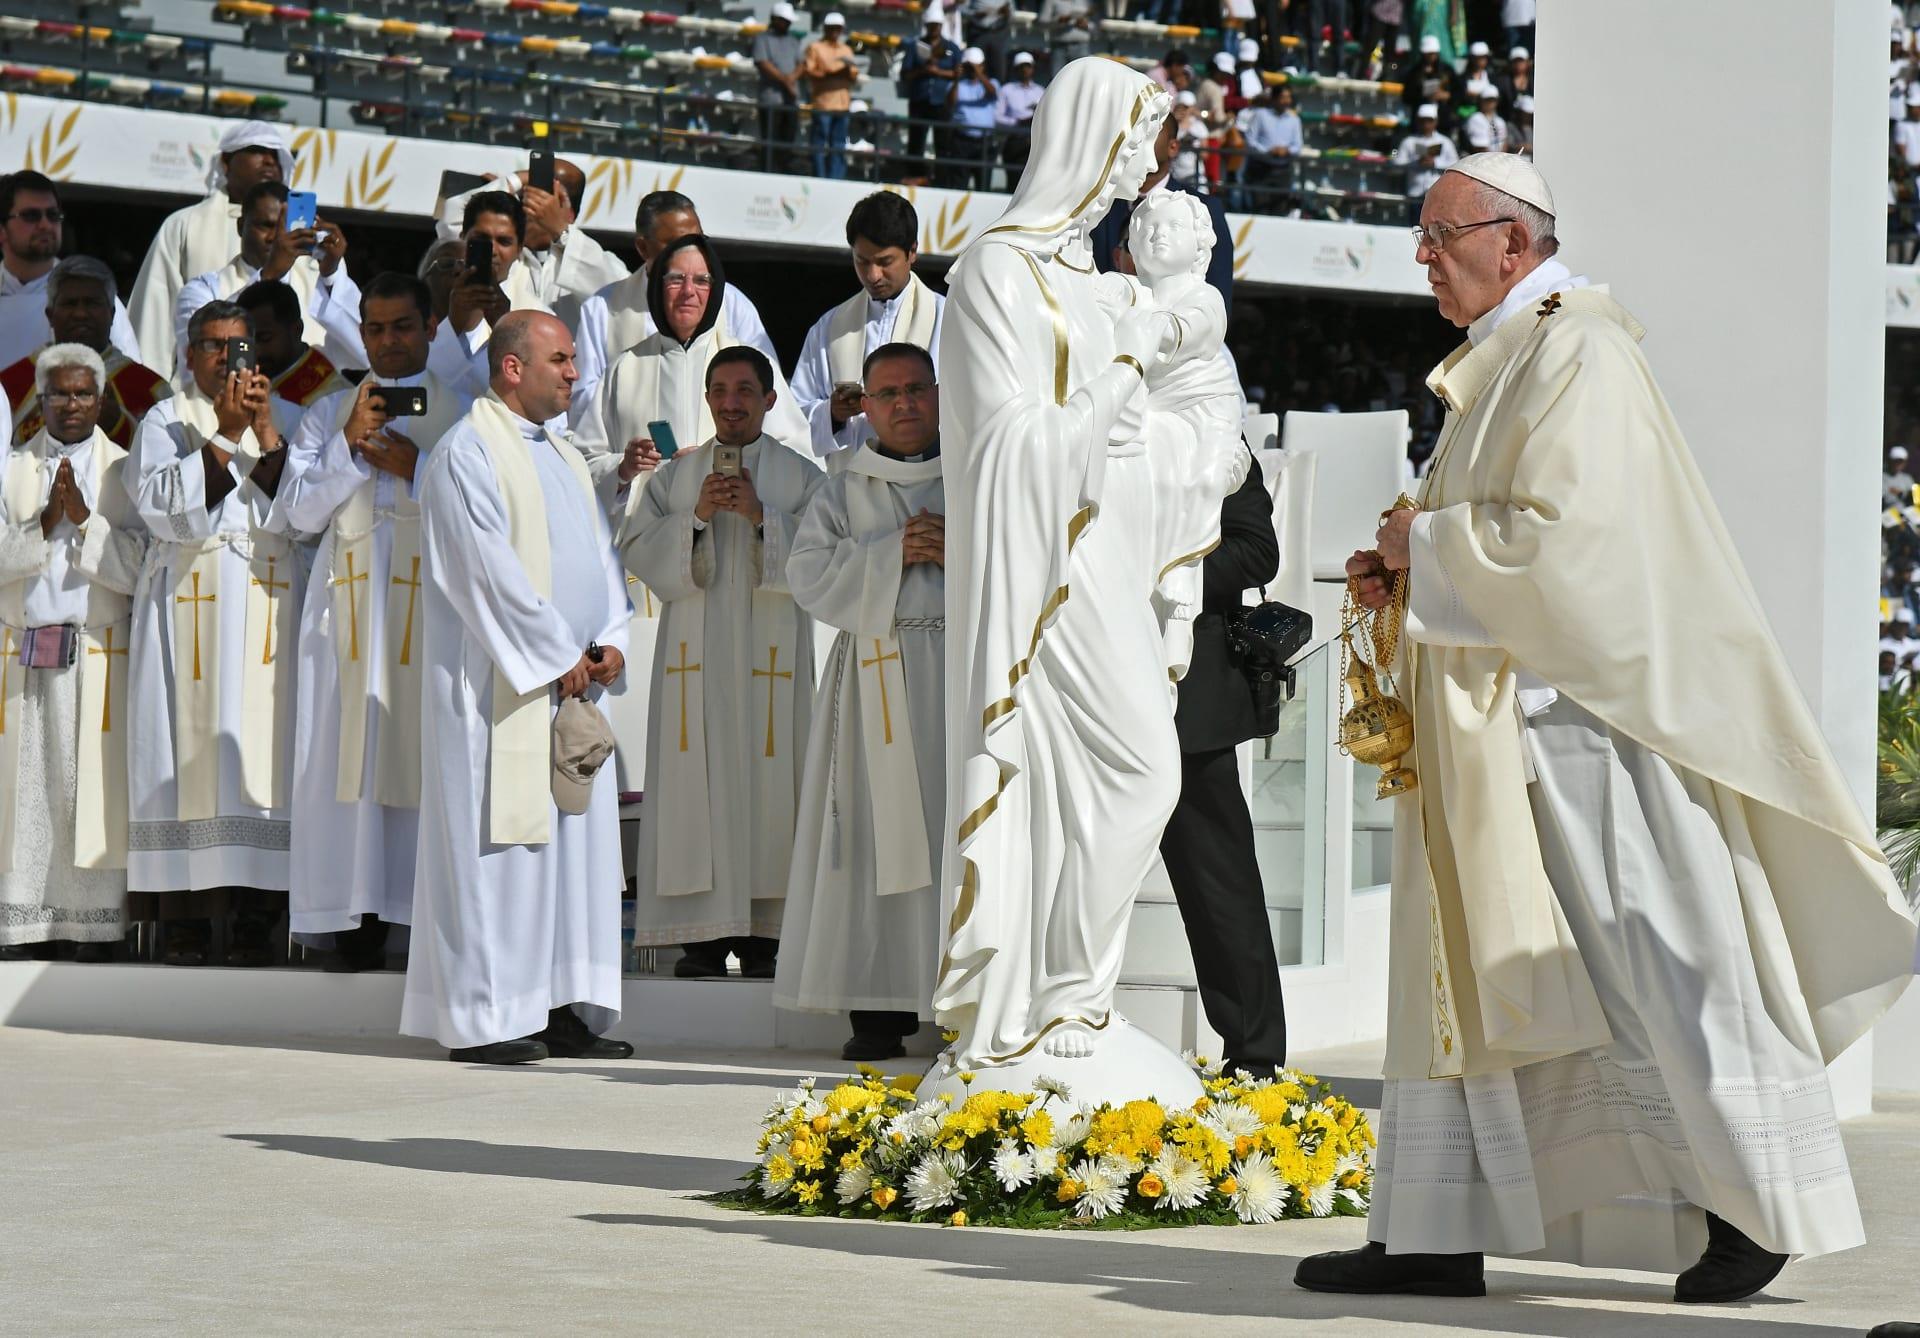 بابا الفاتيكان يبدأ مراسم أول قداس في شبه الجزيرة العربية وسط حضور عشرات الآلاف